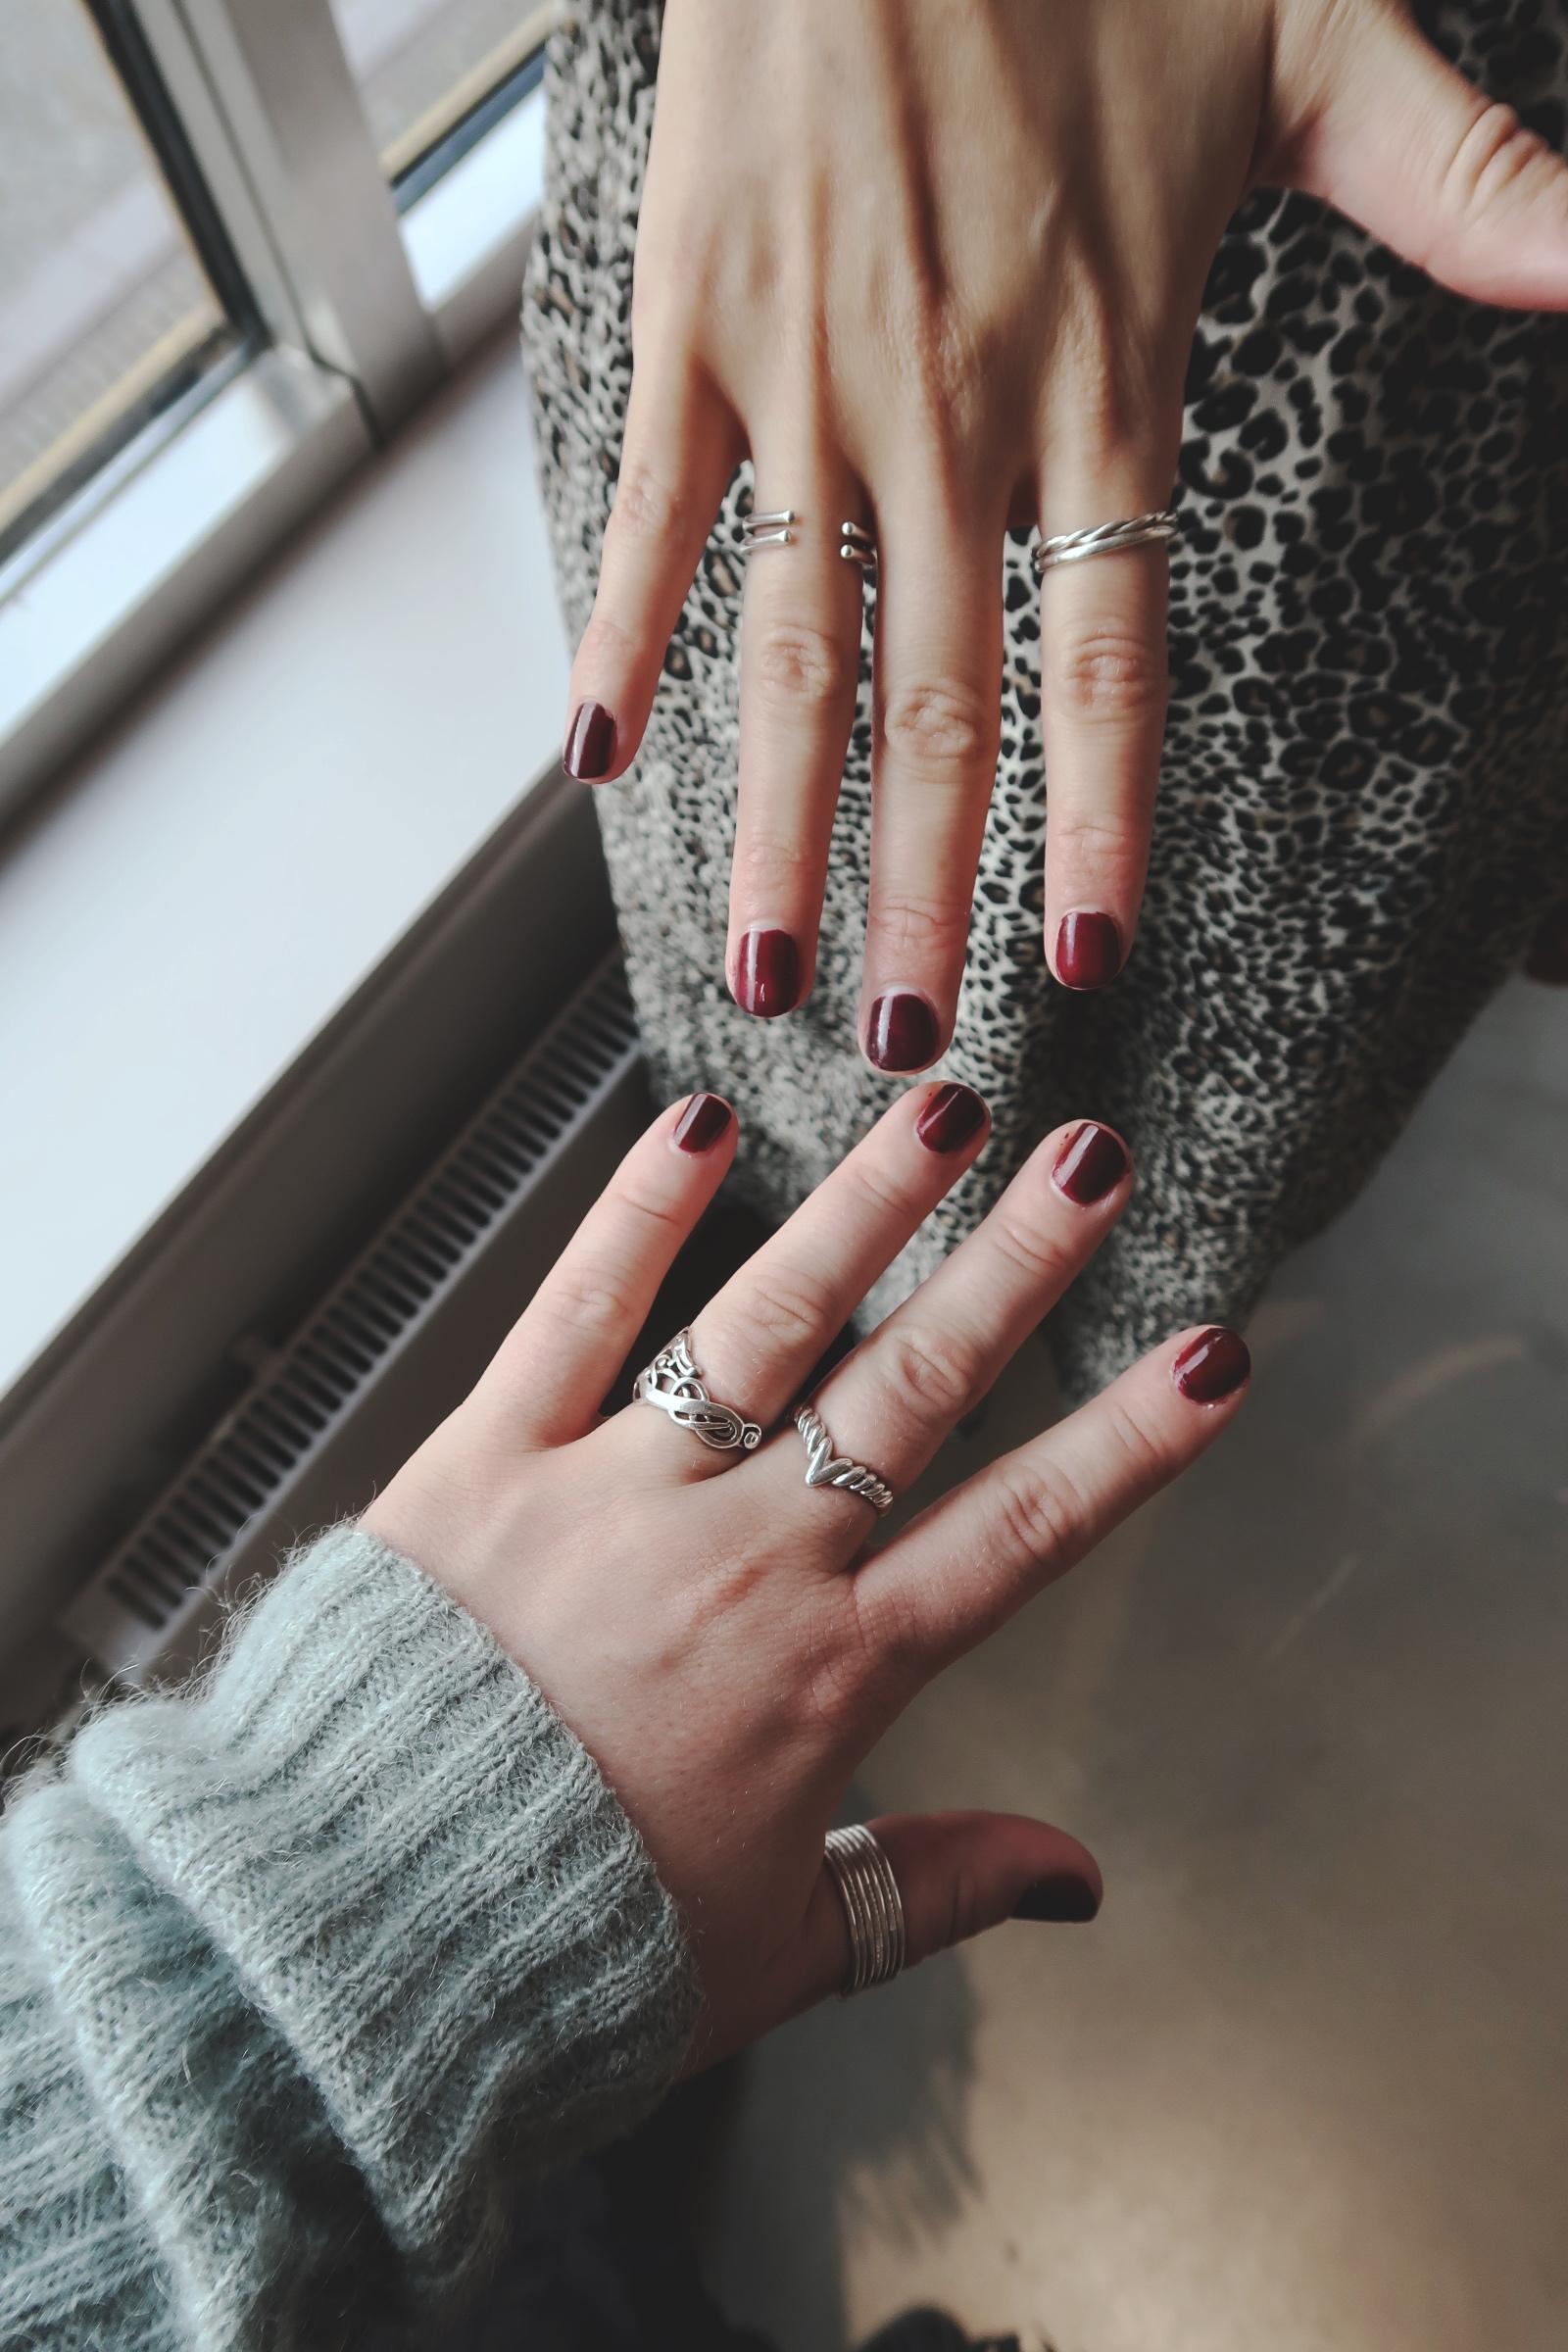 Vinröda naglar och silverringar